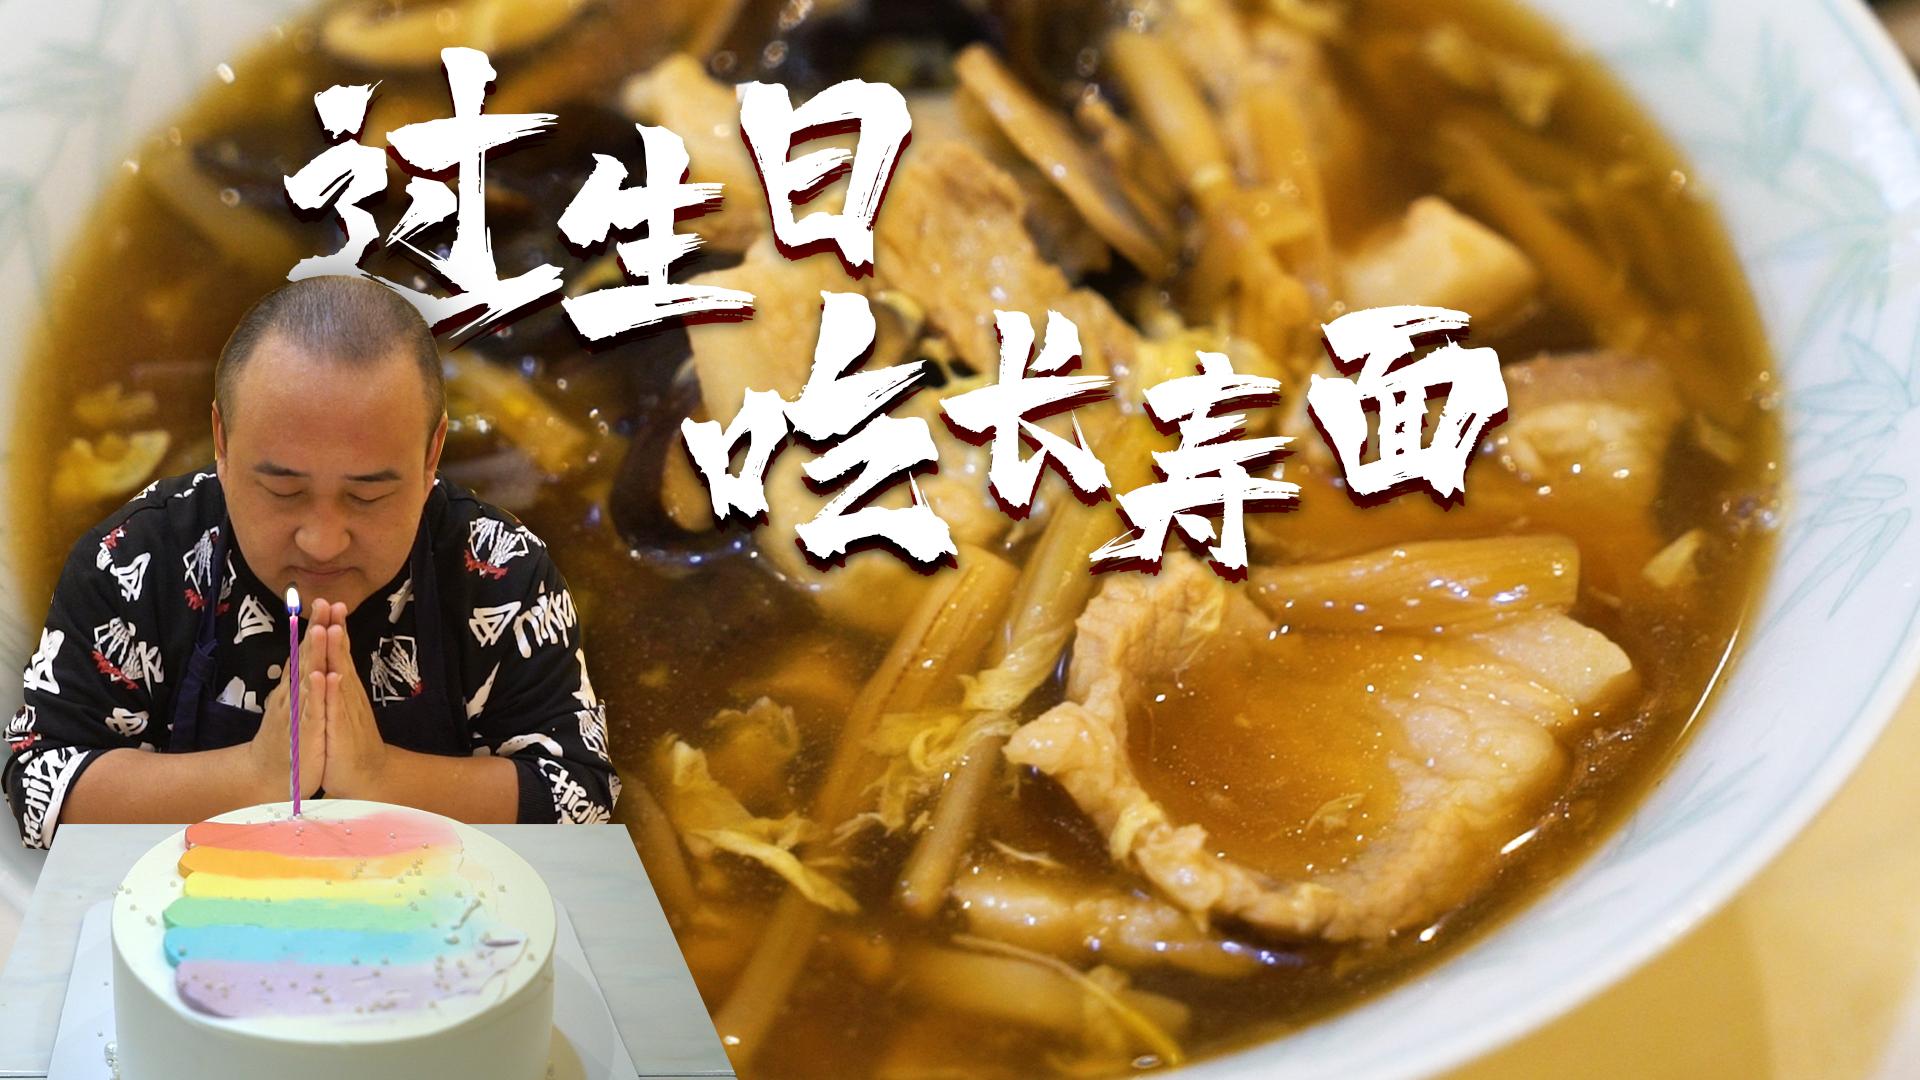 【吃货请闭眼】全国8种食材做1碗老北京打卤面?蘑菇木耳黄花菜,皇帝过生日都吃!